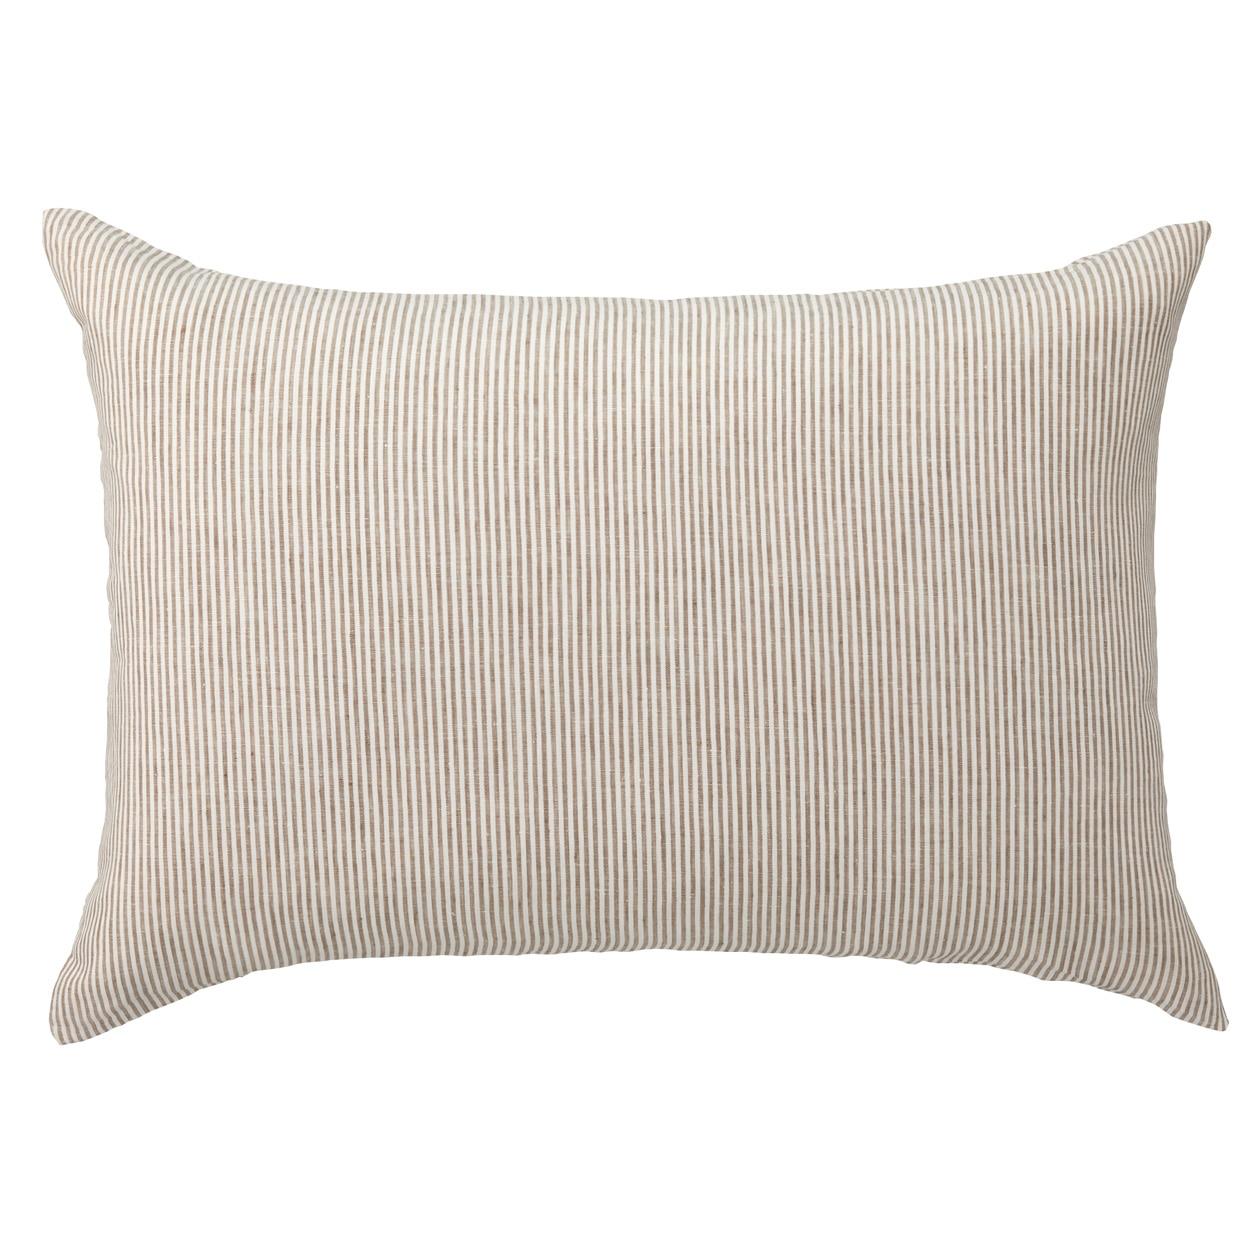 Jersey Pillow Case